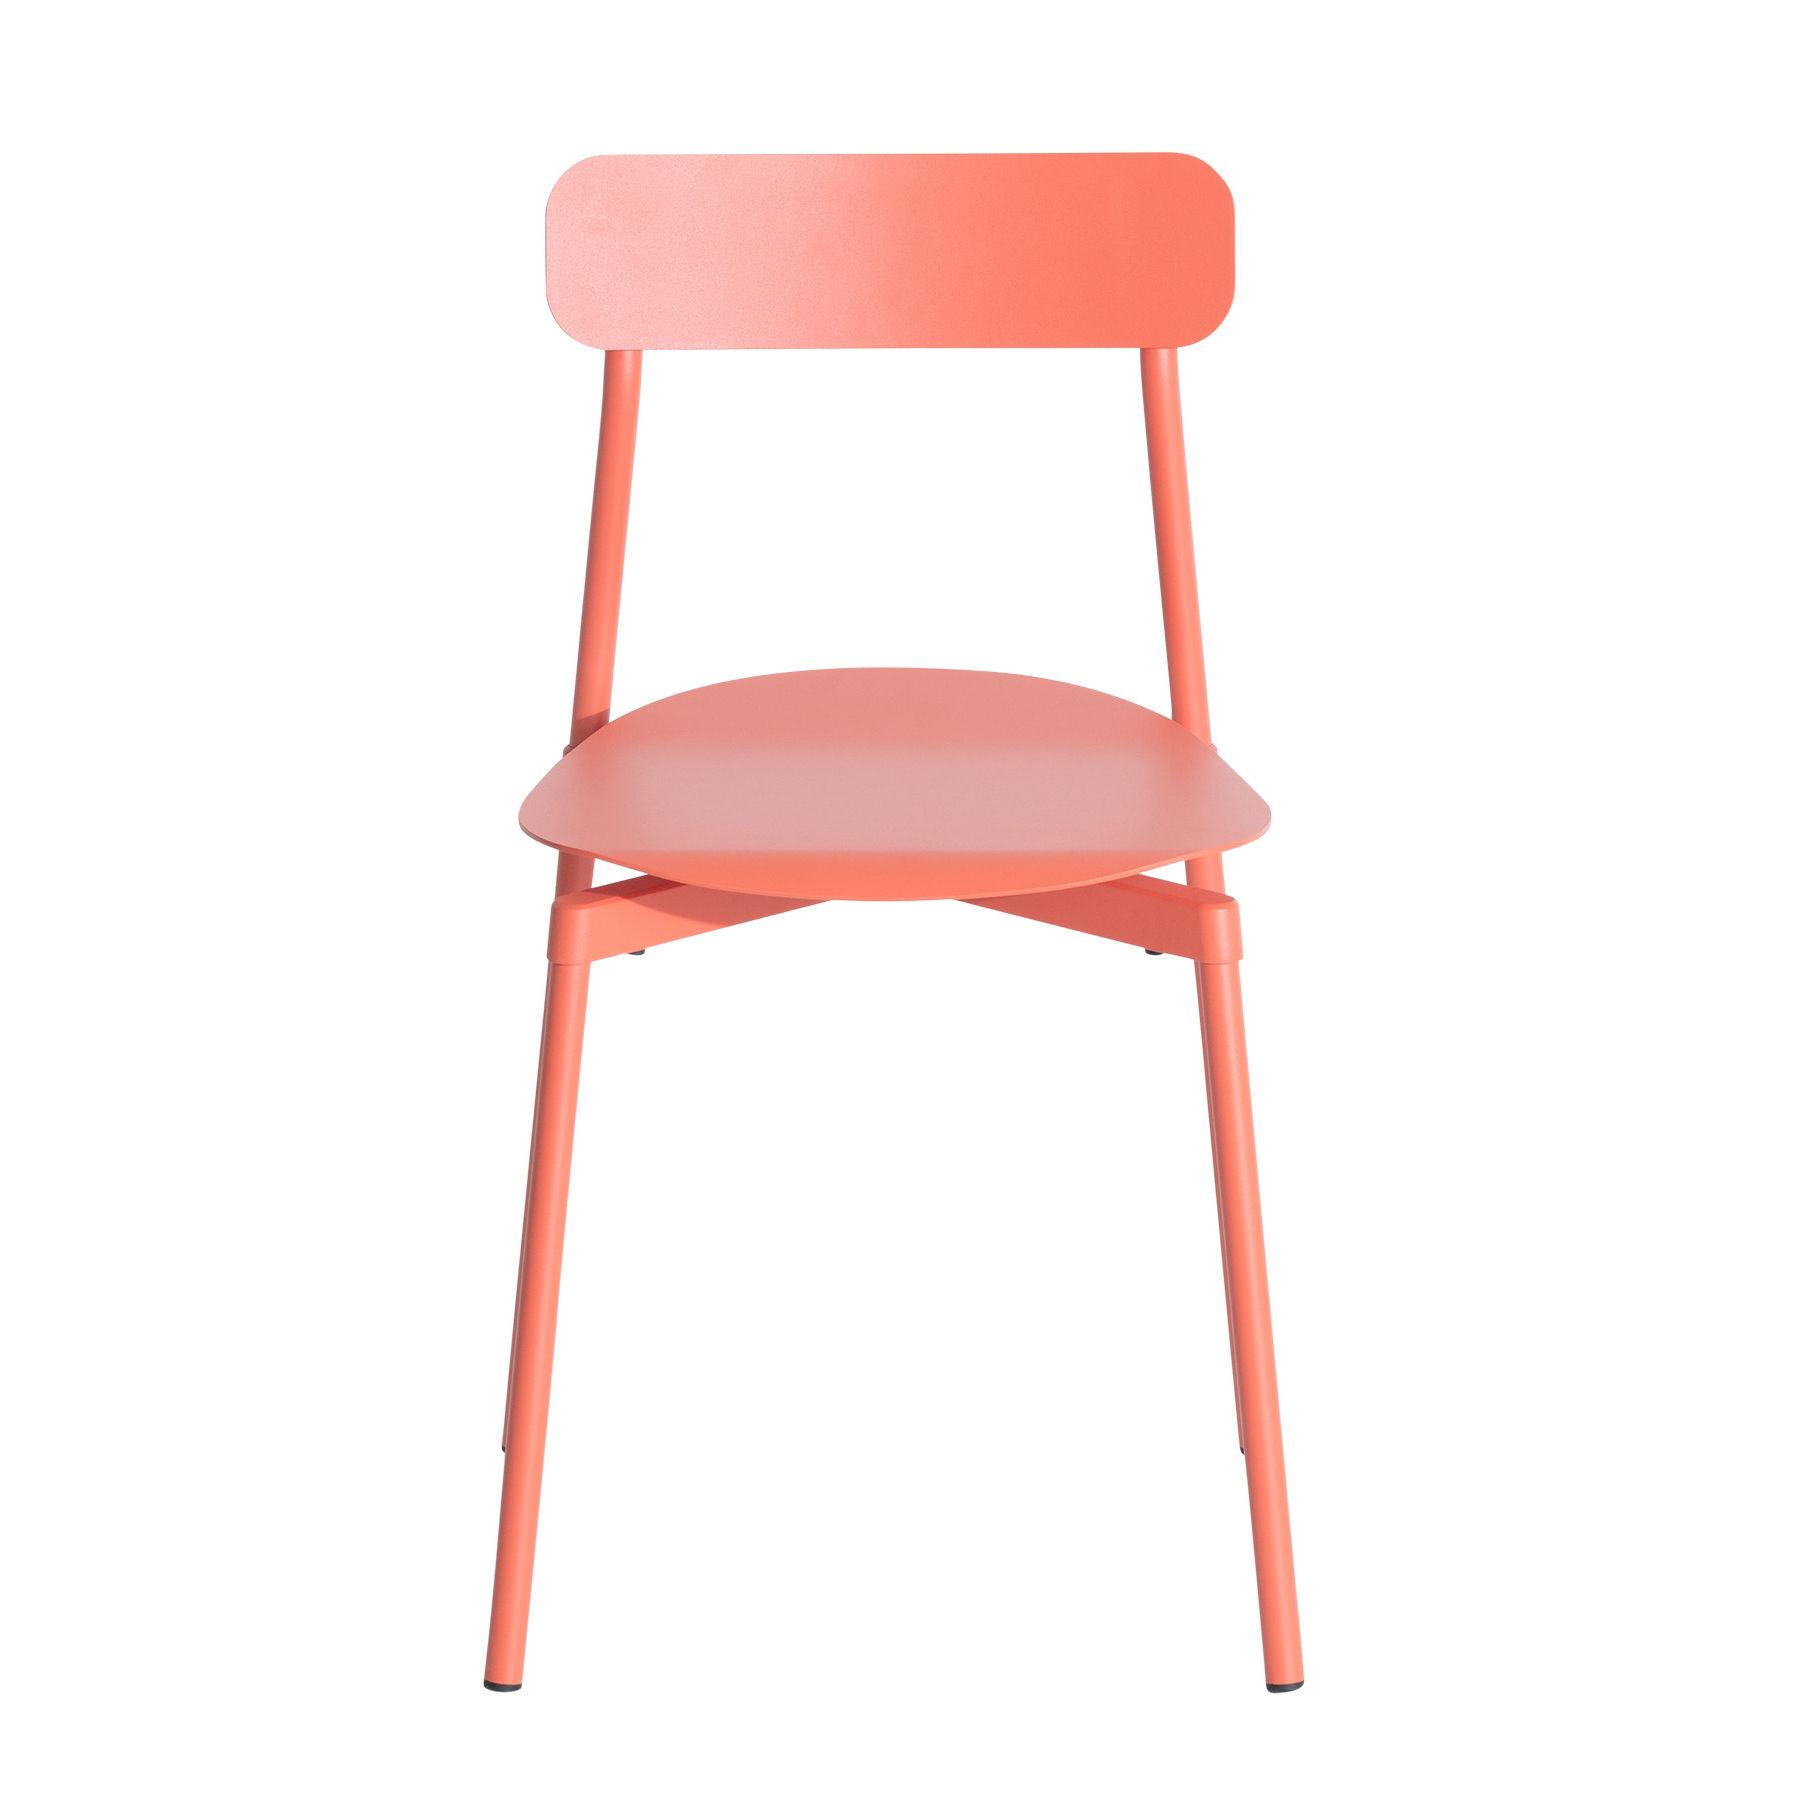 Arredamento - Sedie  - Sedia impilabile Fromme - / Alluminio di Petite Friture - Corallo - Alluminio